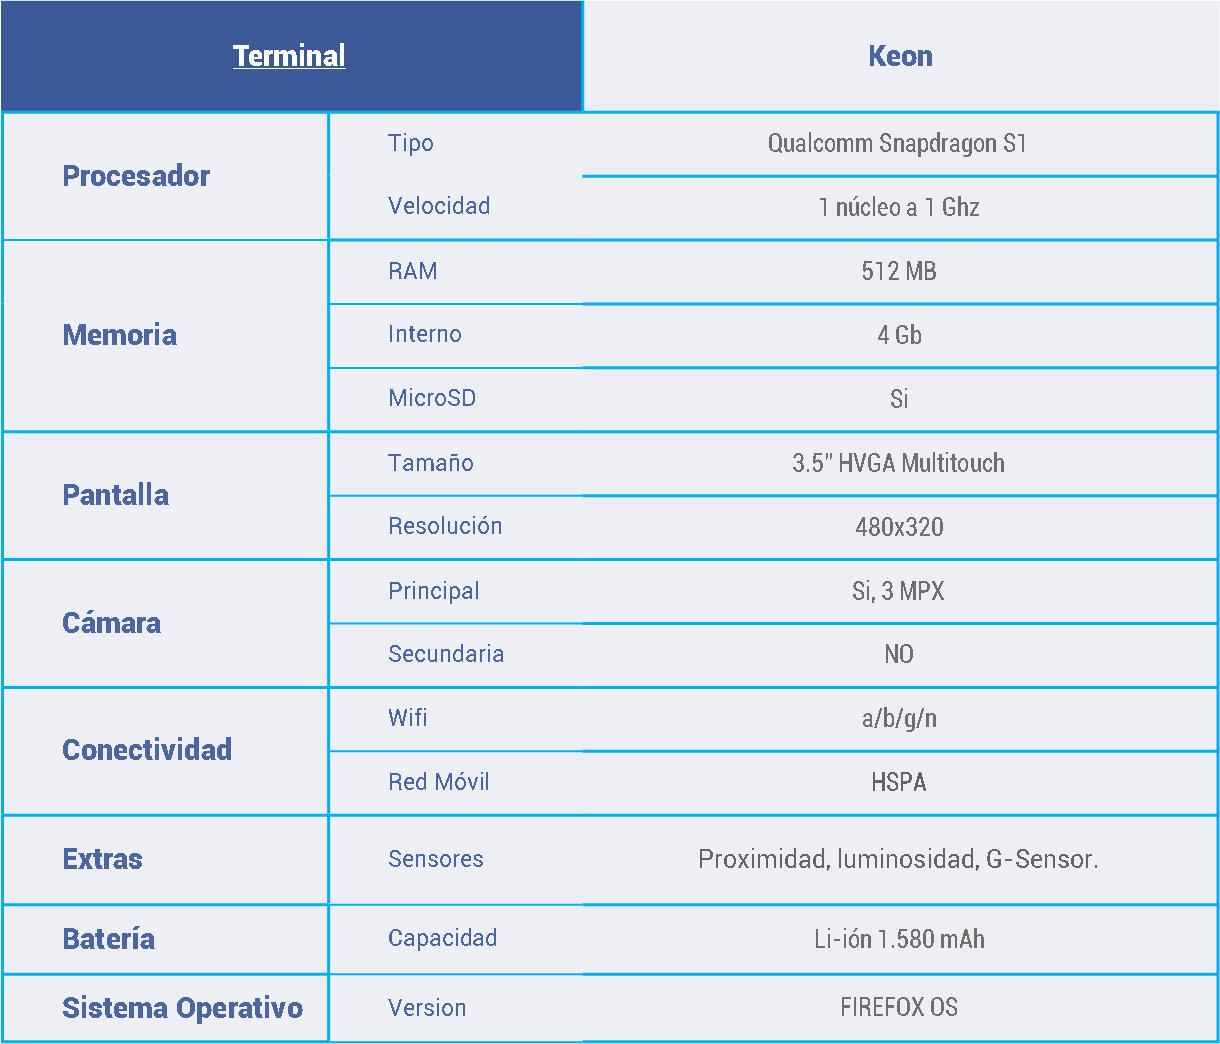 Tabla de caracteristicas Kion